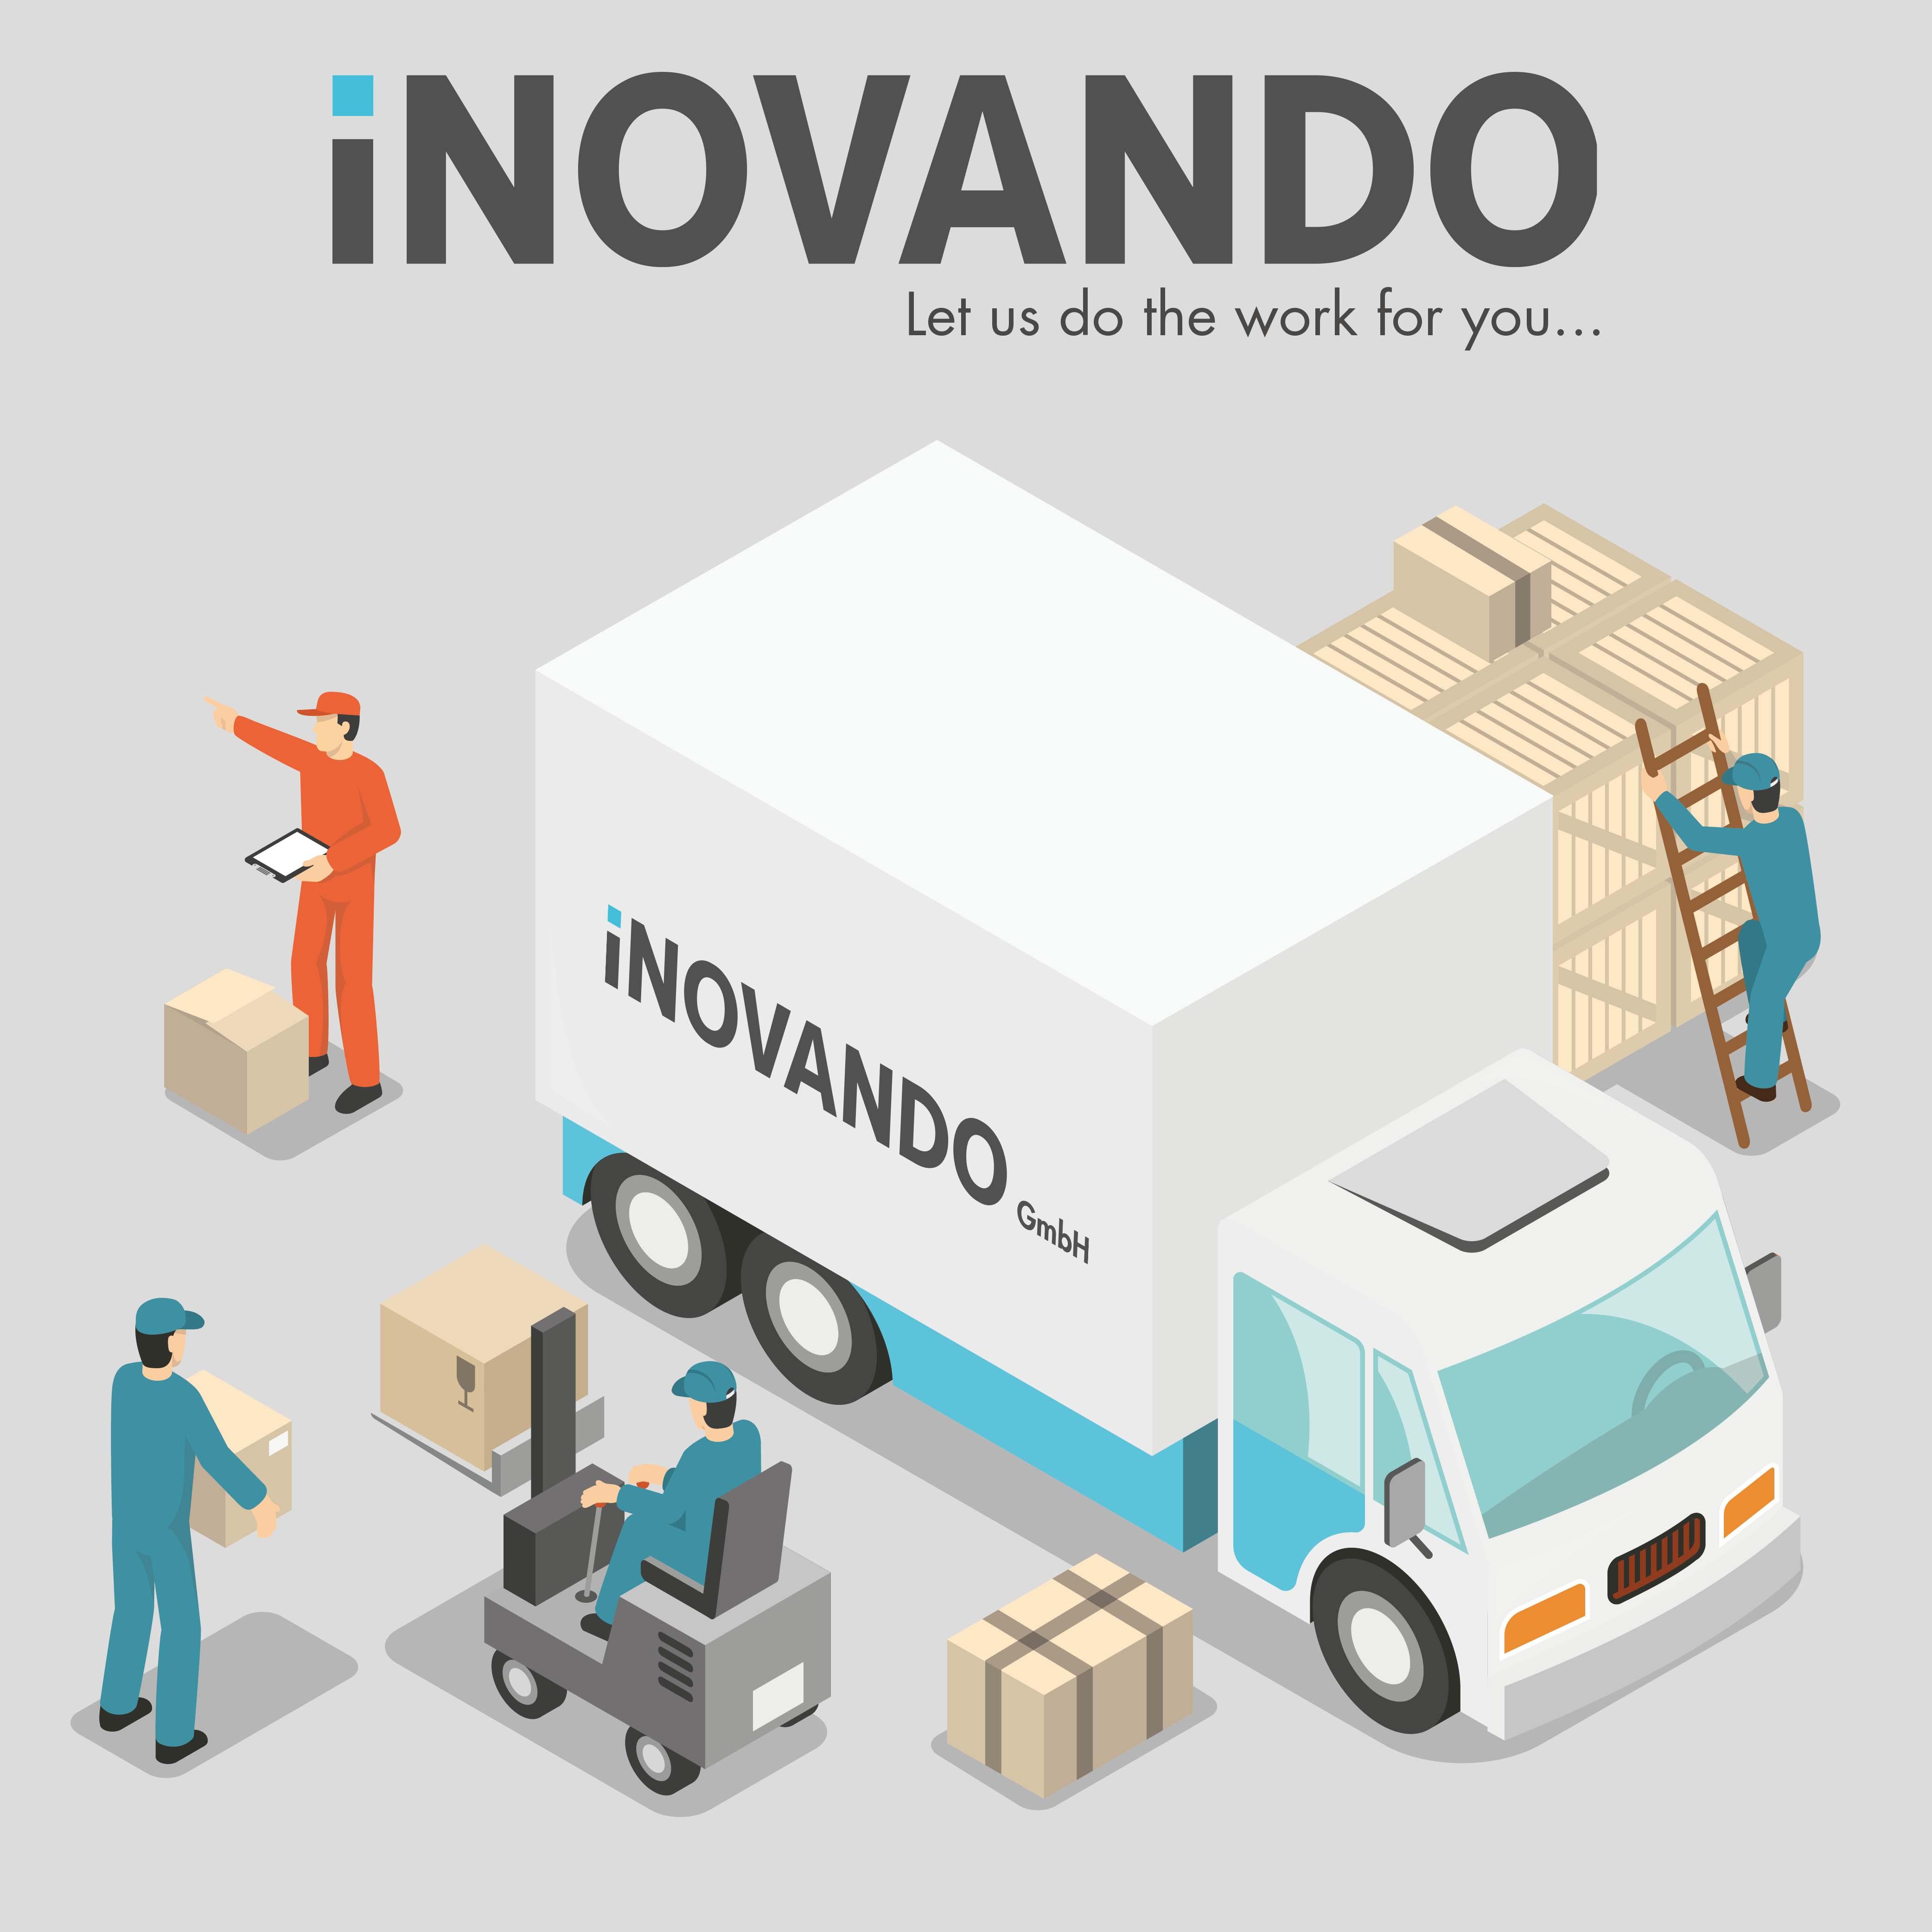 Inovando_neuss